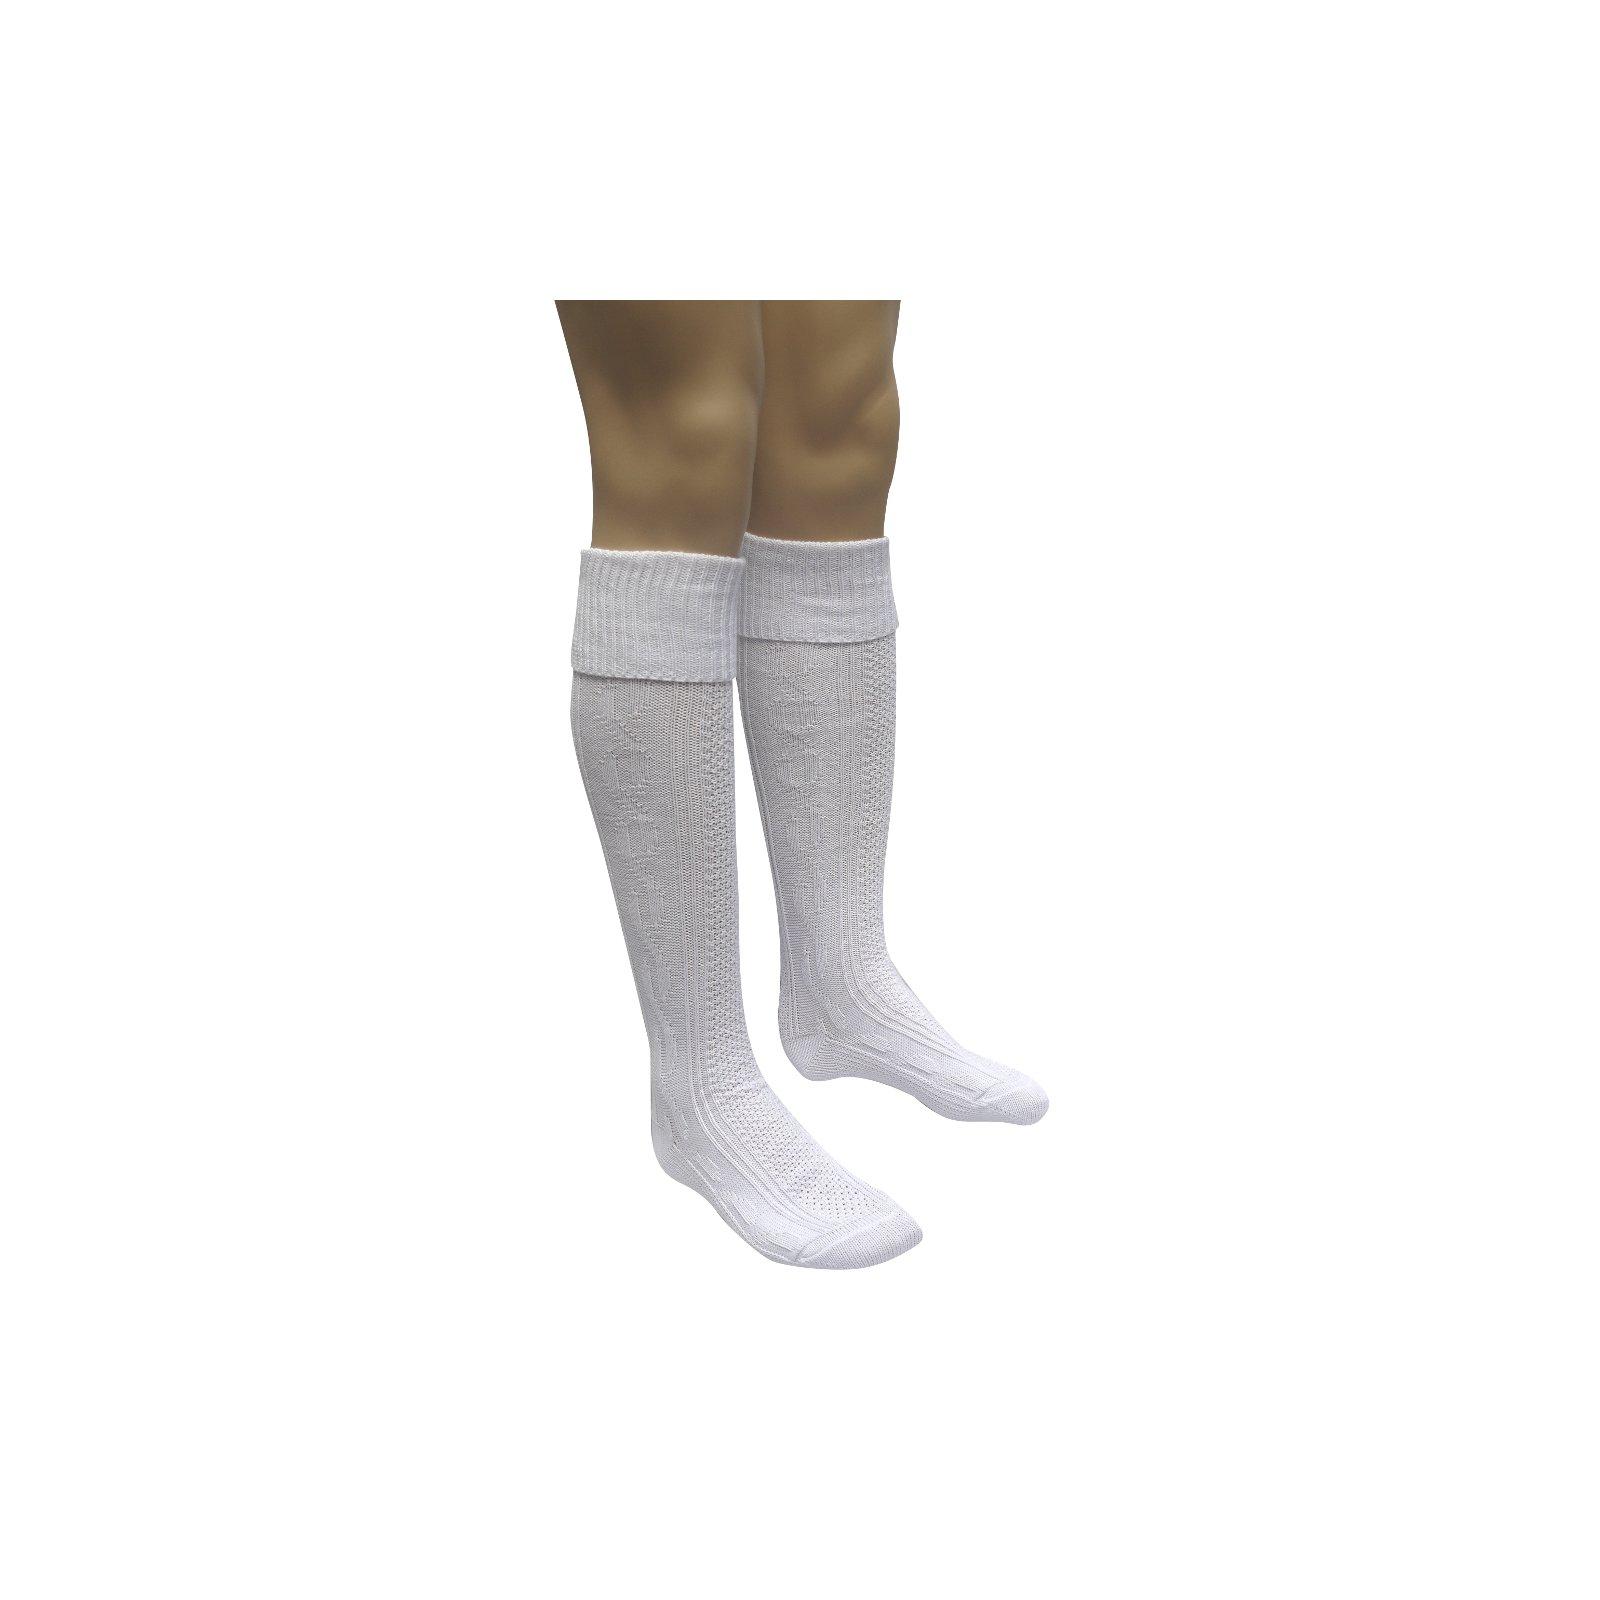 Trachtenstrümpfe Kniestrümpfe Wander-Strümpfe Kniebundhosen reinweiß 2 Paar